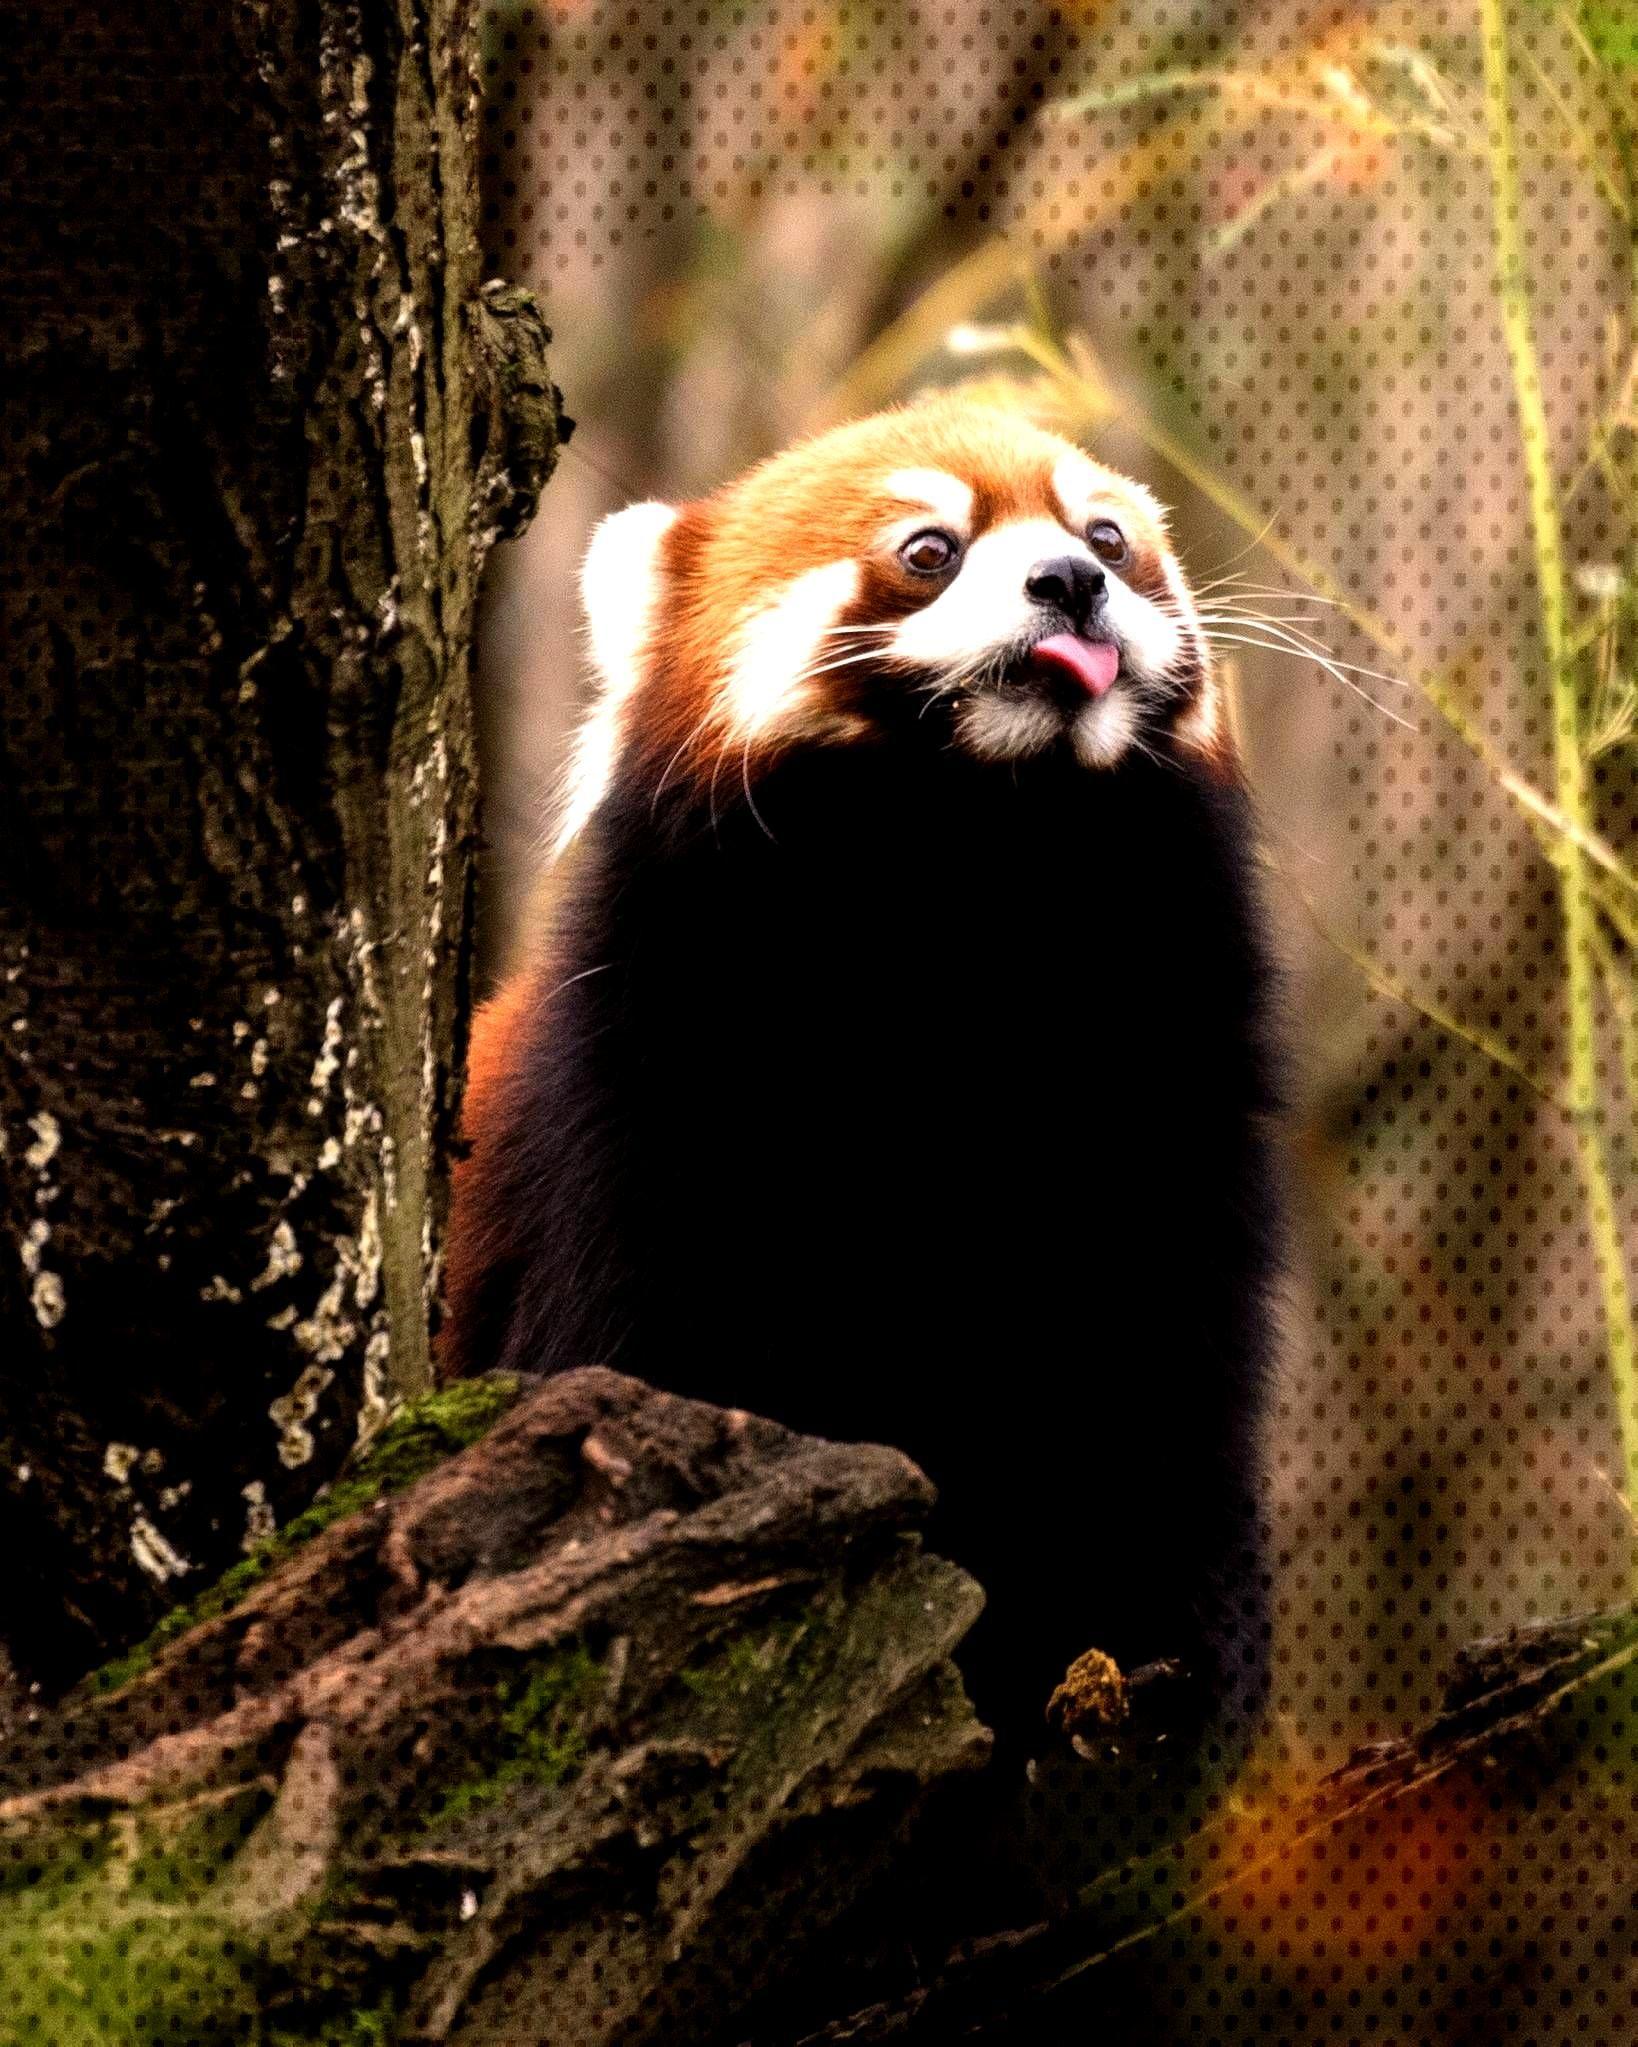 Animals Zoo Zoo Animalszoo Animalszoo Animals Panda Bear Red Panda Panda